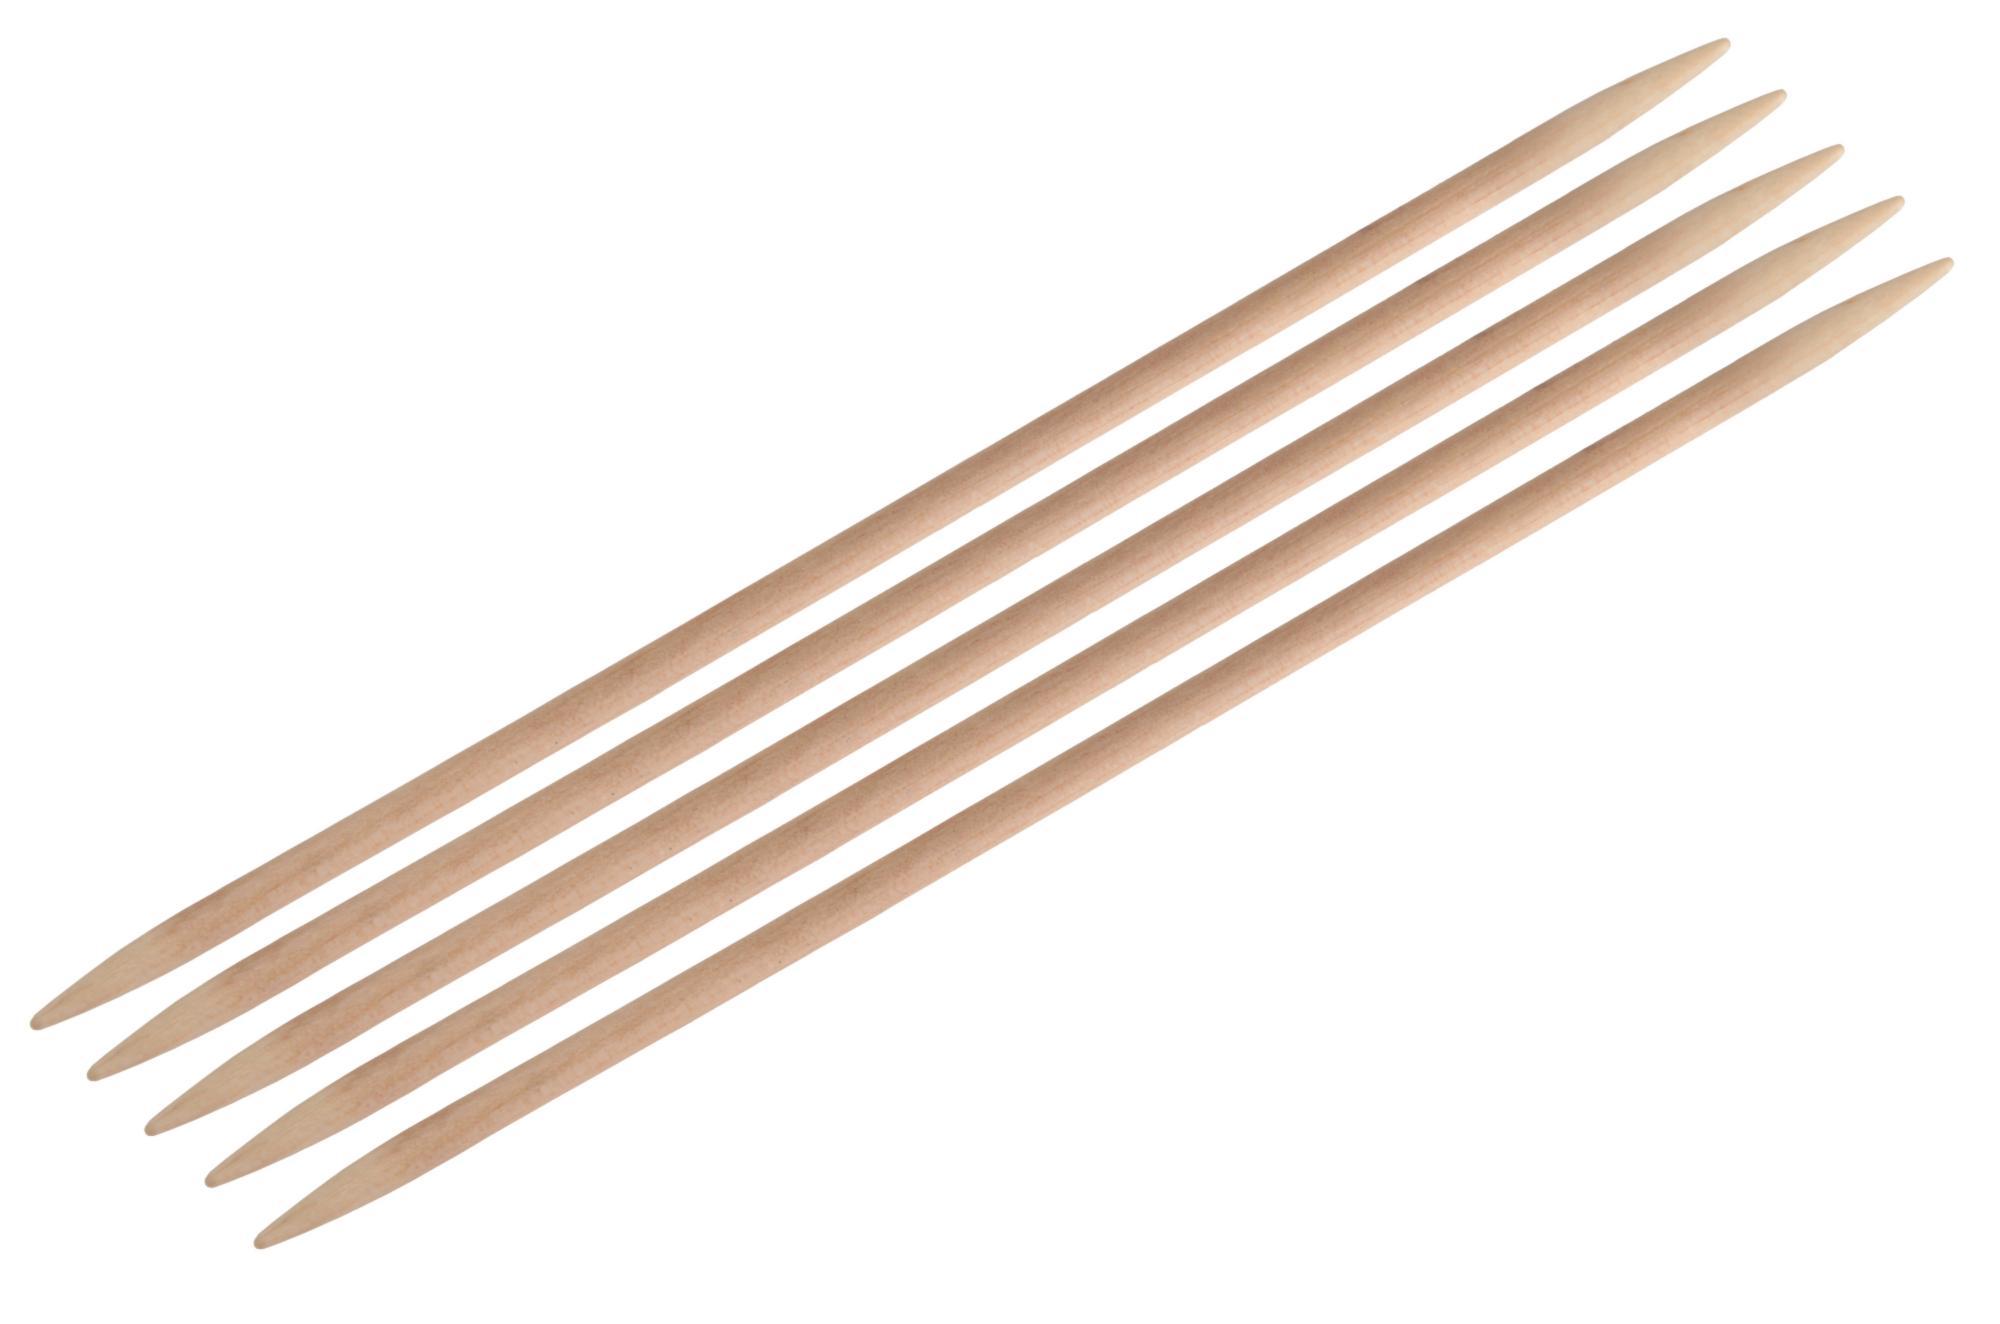 Спицы носочные 20 см Basix Birch Wood KnitPro, 35115, 3.50 мм